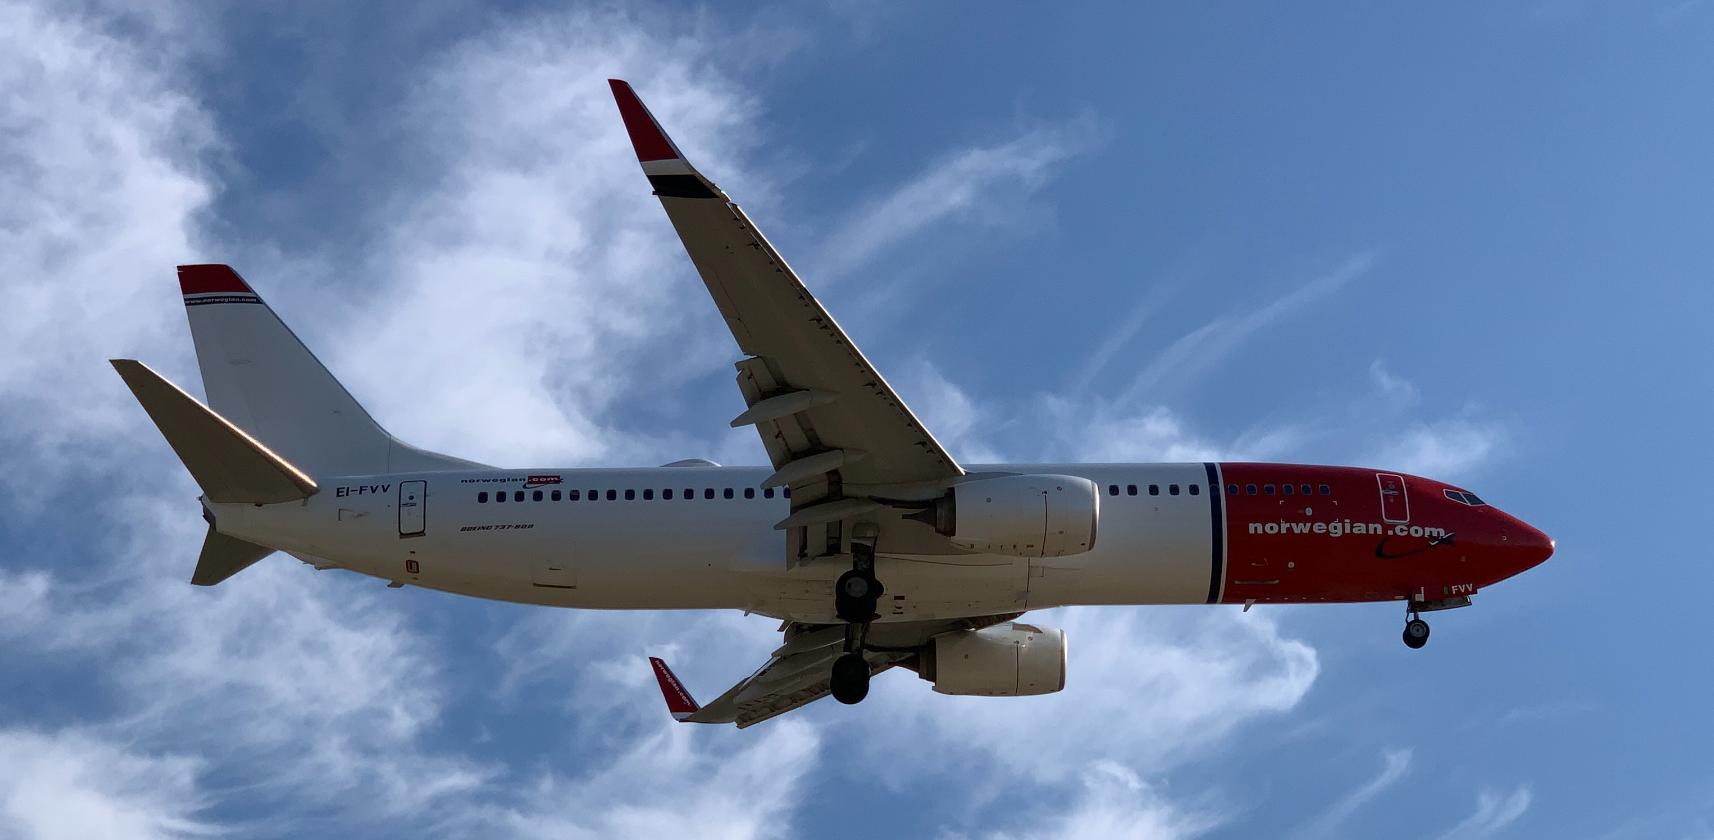 Norwegian unngår konkurs. Hva betyr det for aksjekursen?